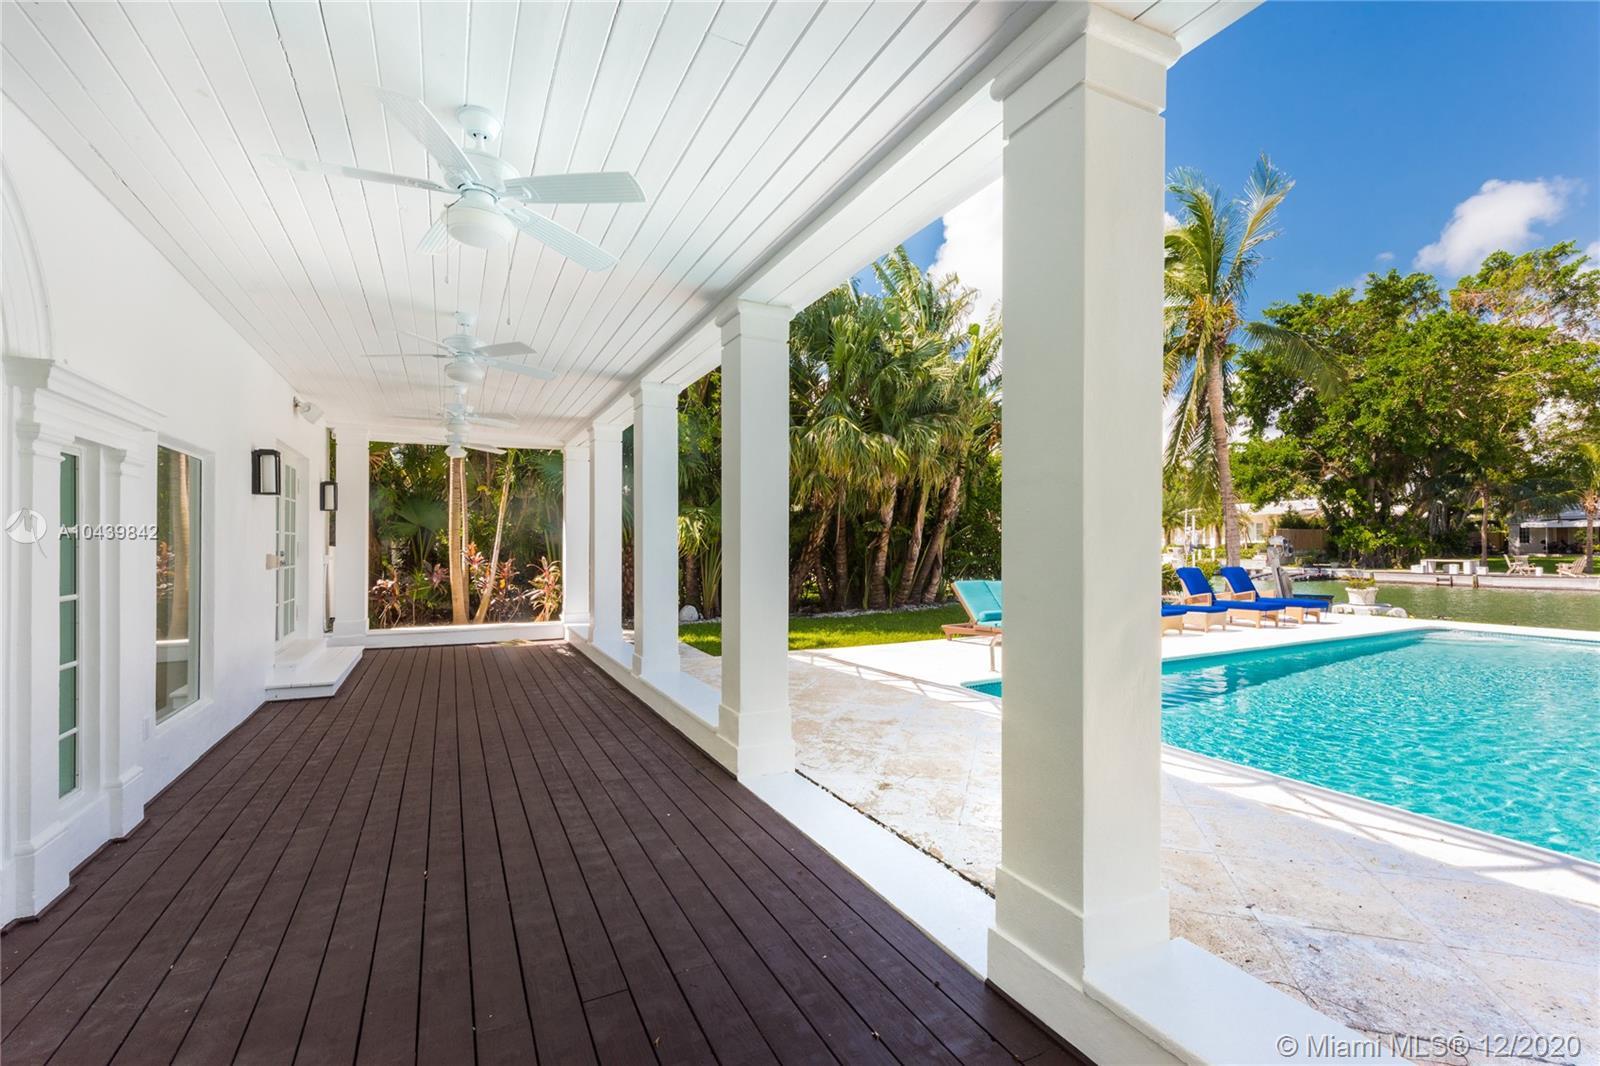 1431 22 st- miami-beach-fl-33140-a10439842-Pic01